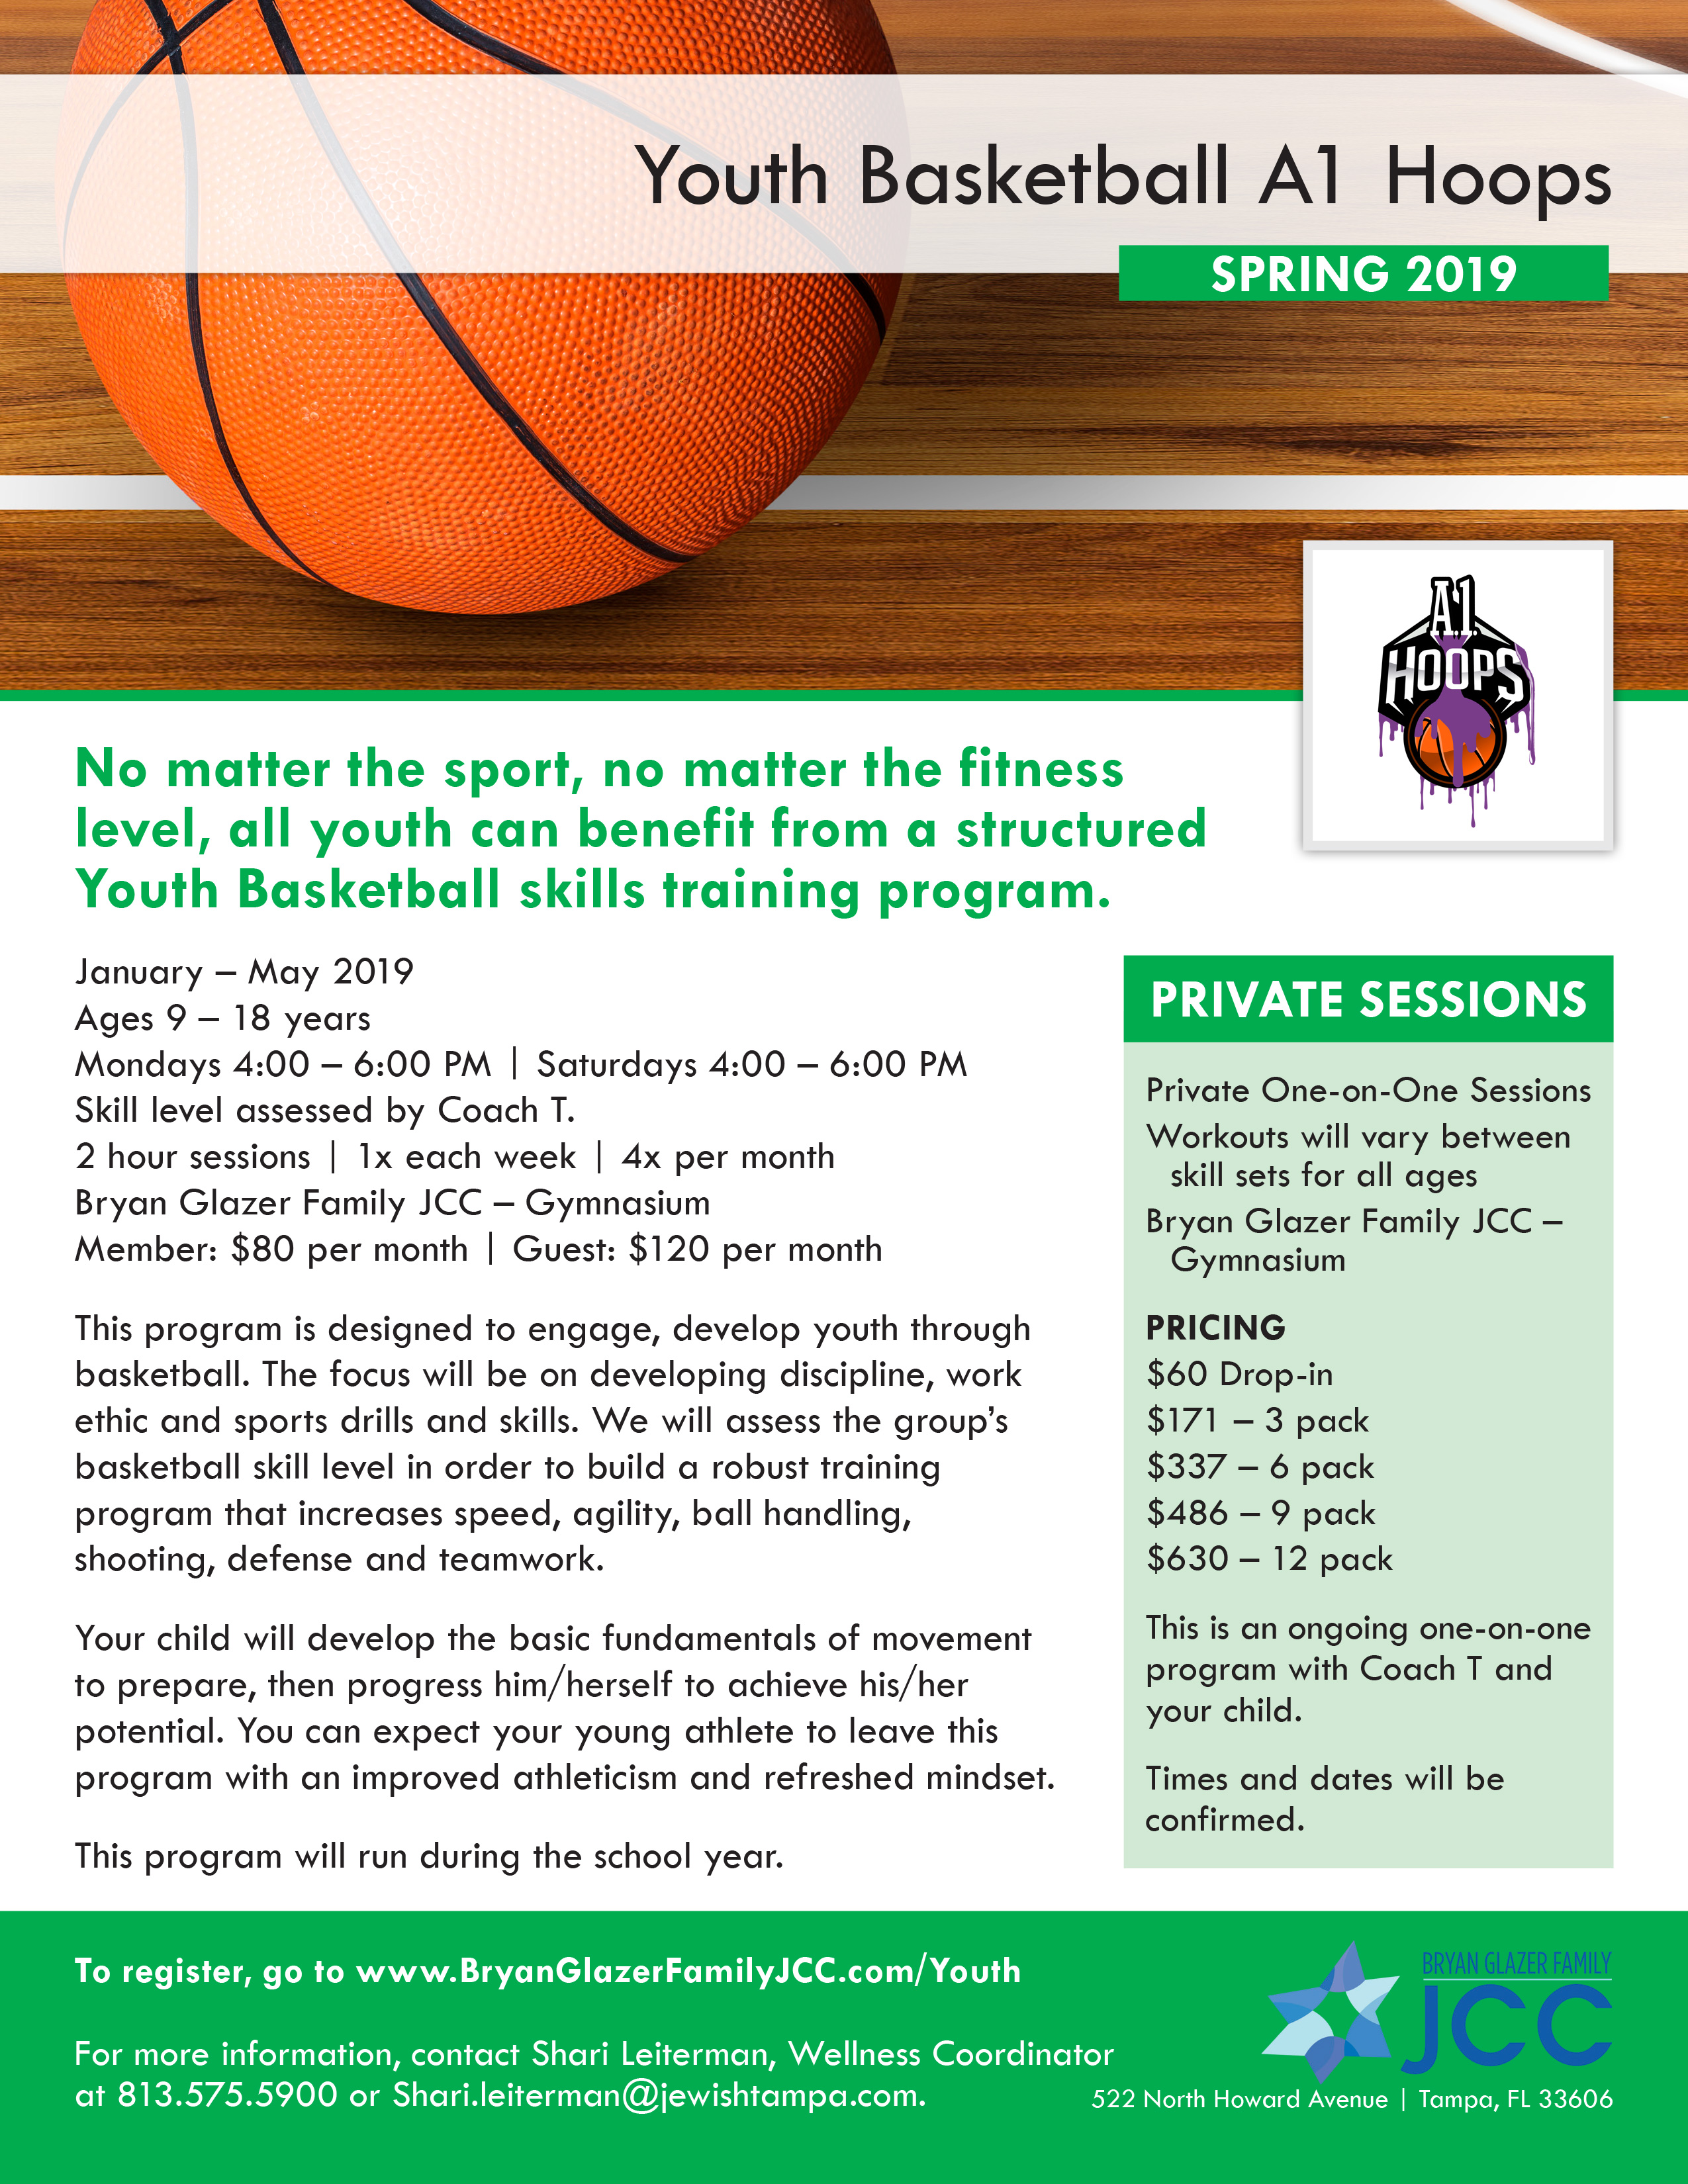 Basketball Ball Handling Workout Routine Eoua Blog - Wallpaperzen org